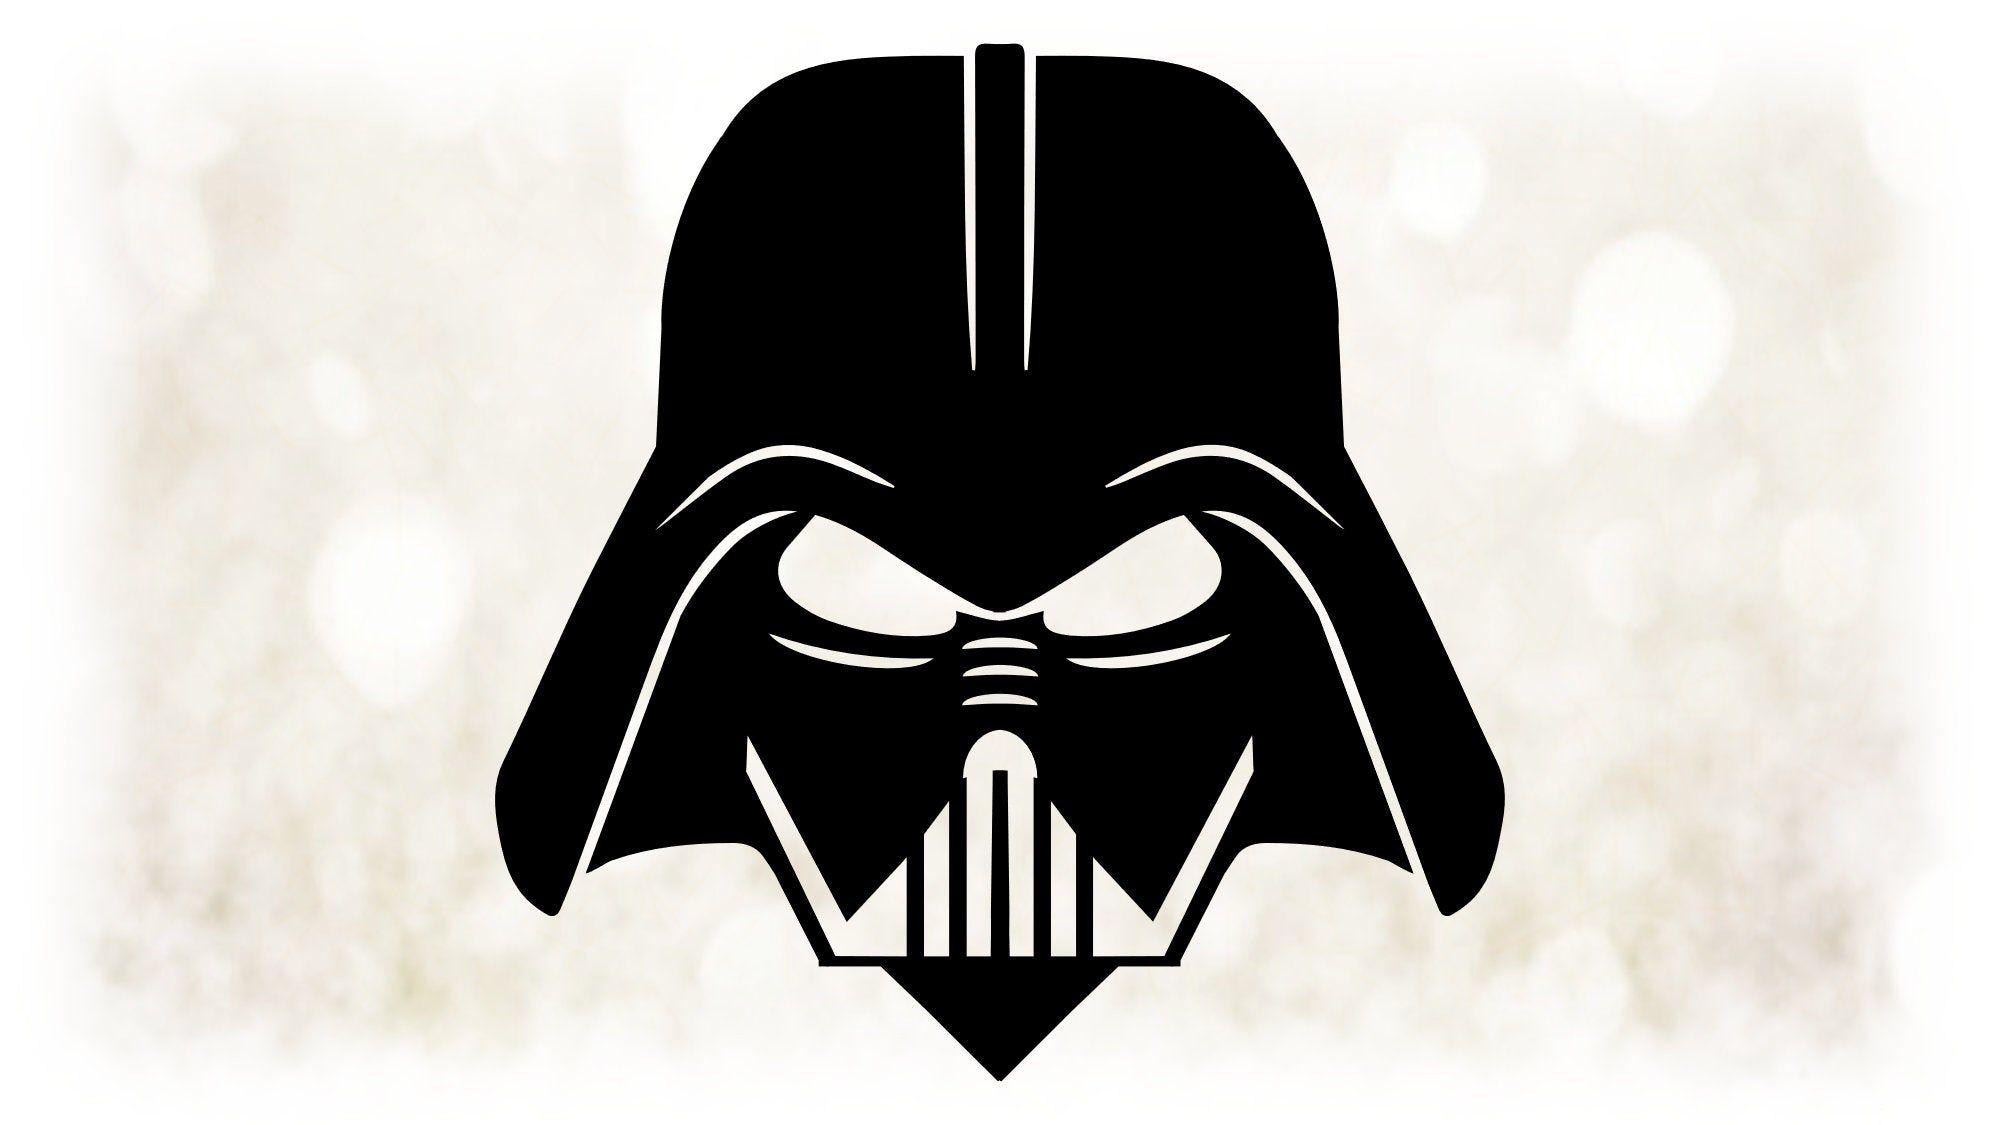 Movie Clip Art Black White Darth Vader Mask Master Of Etsy Darth Vader Face Star Wars Stencil Darth Vader Mask